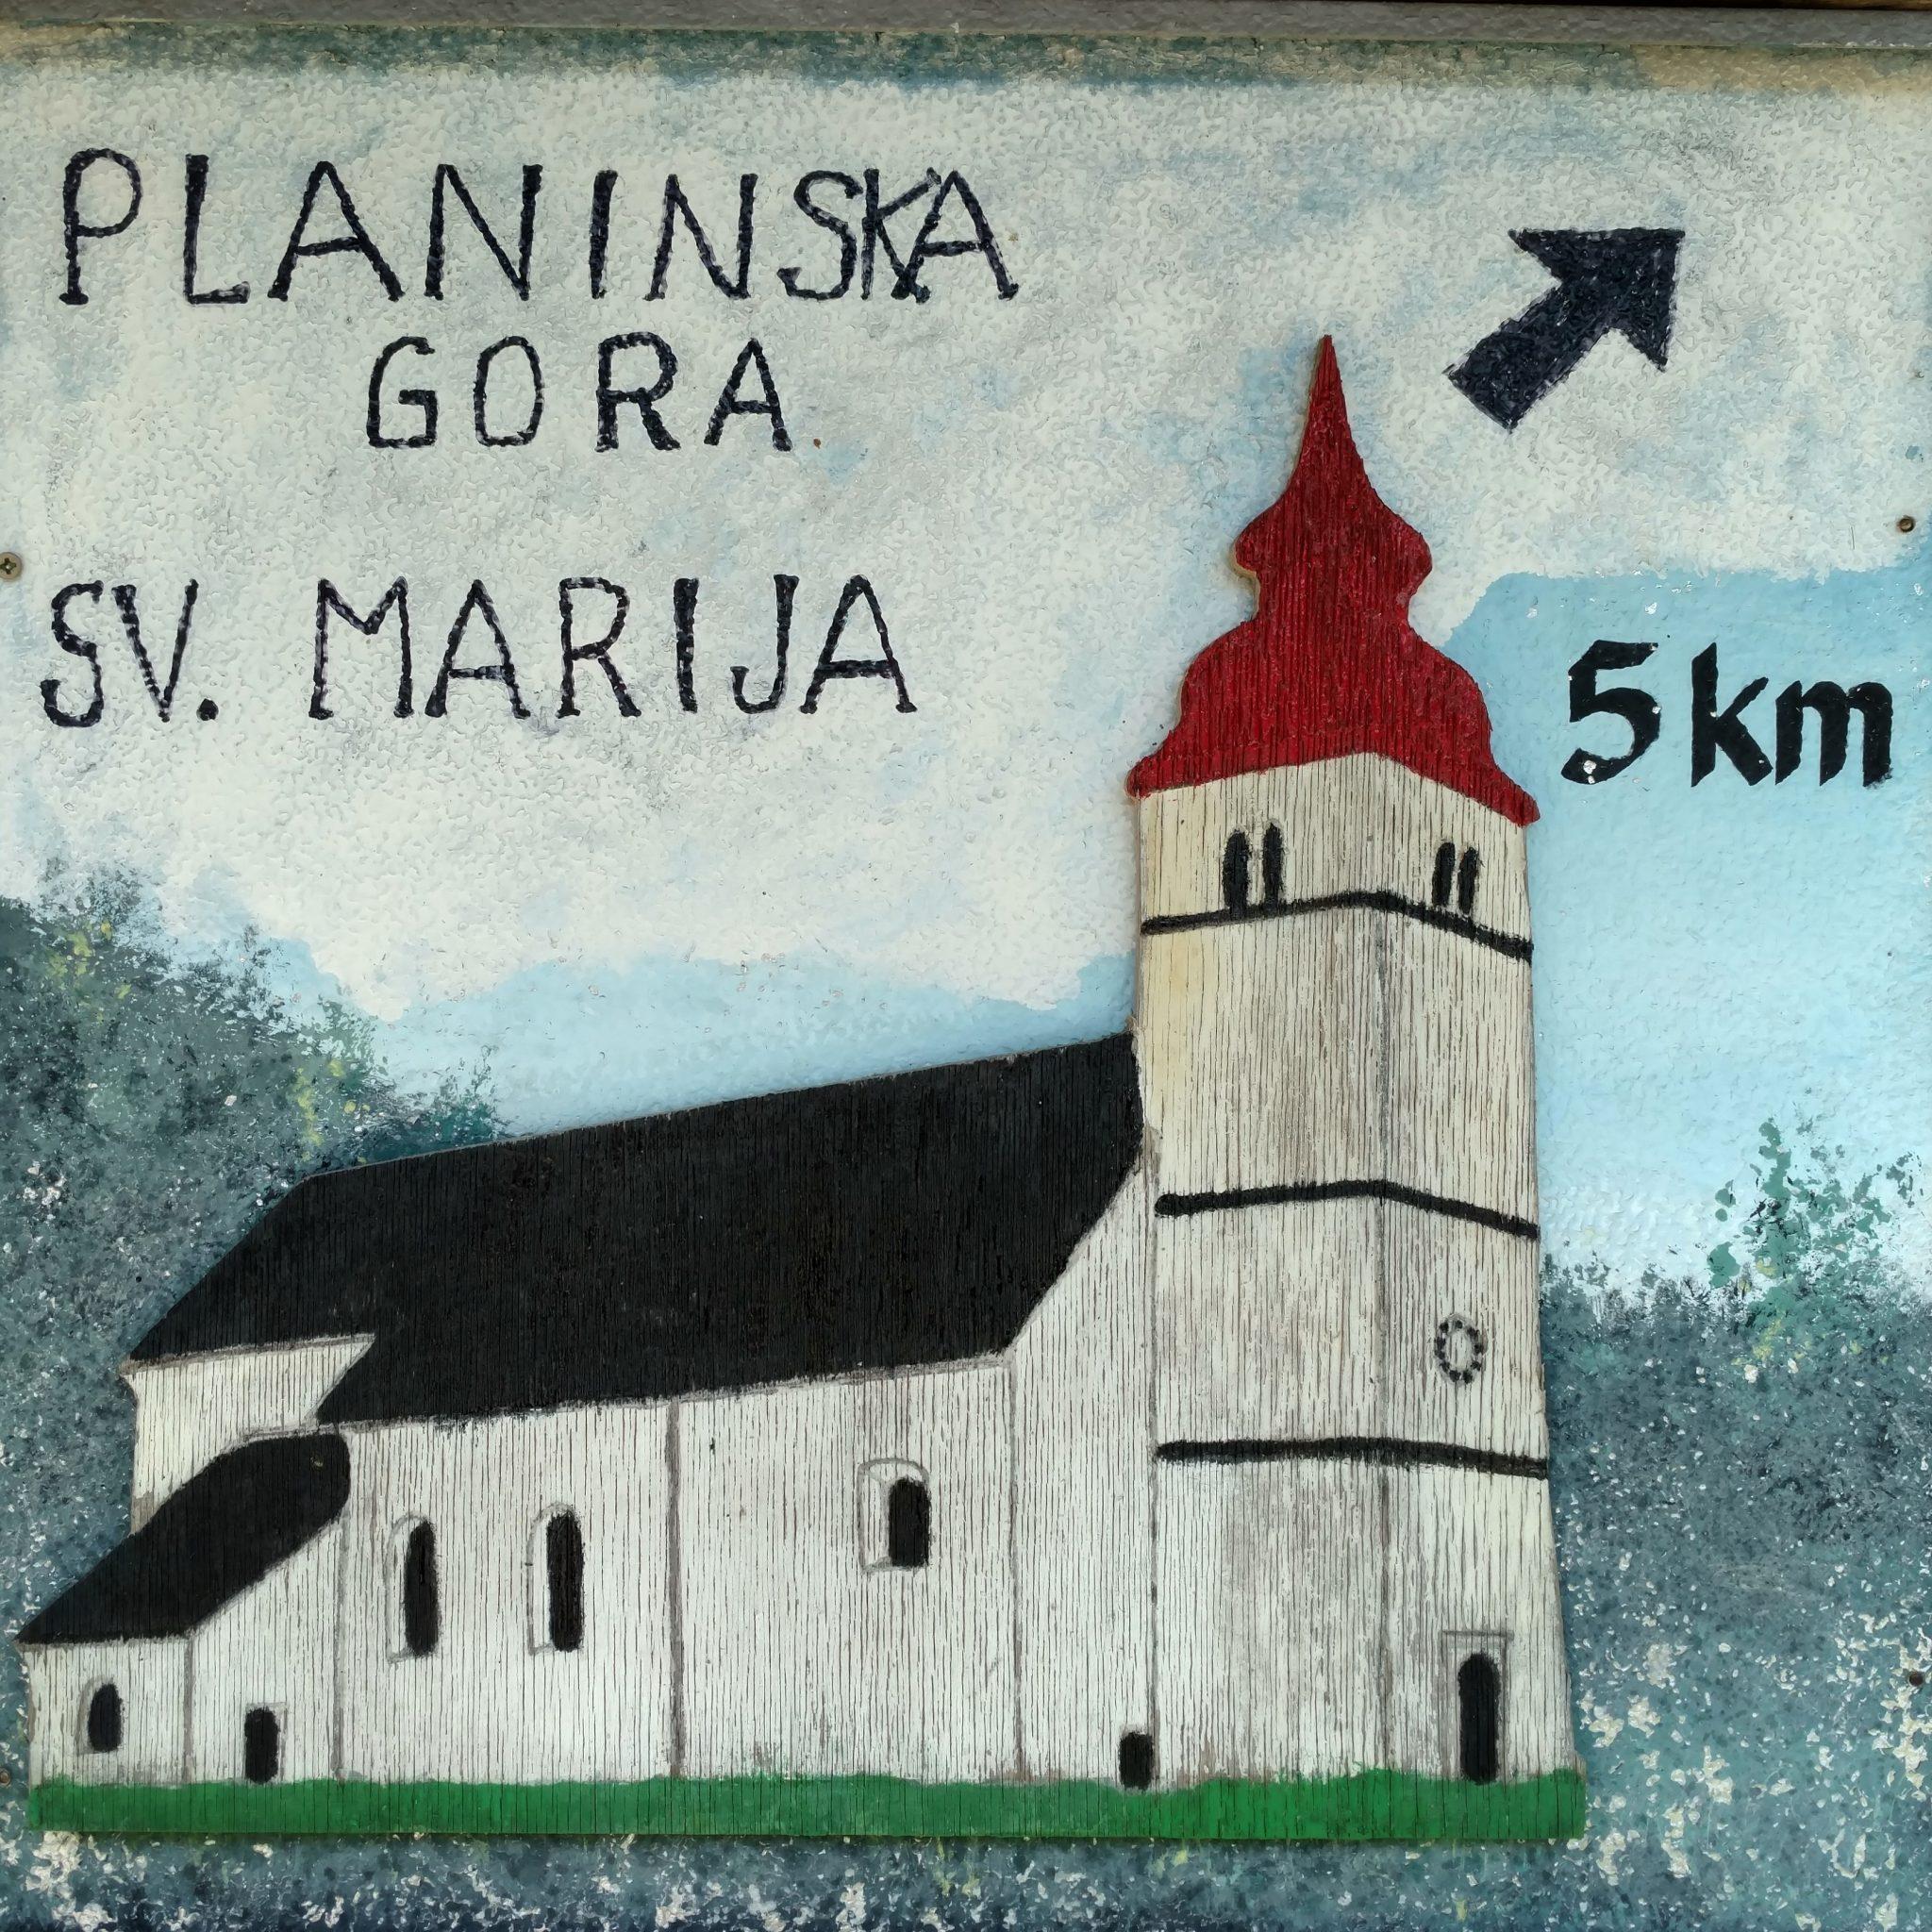 Churches_hiking_trail_slovenia